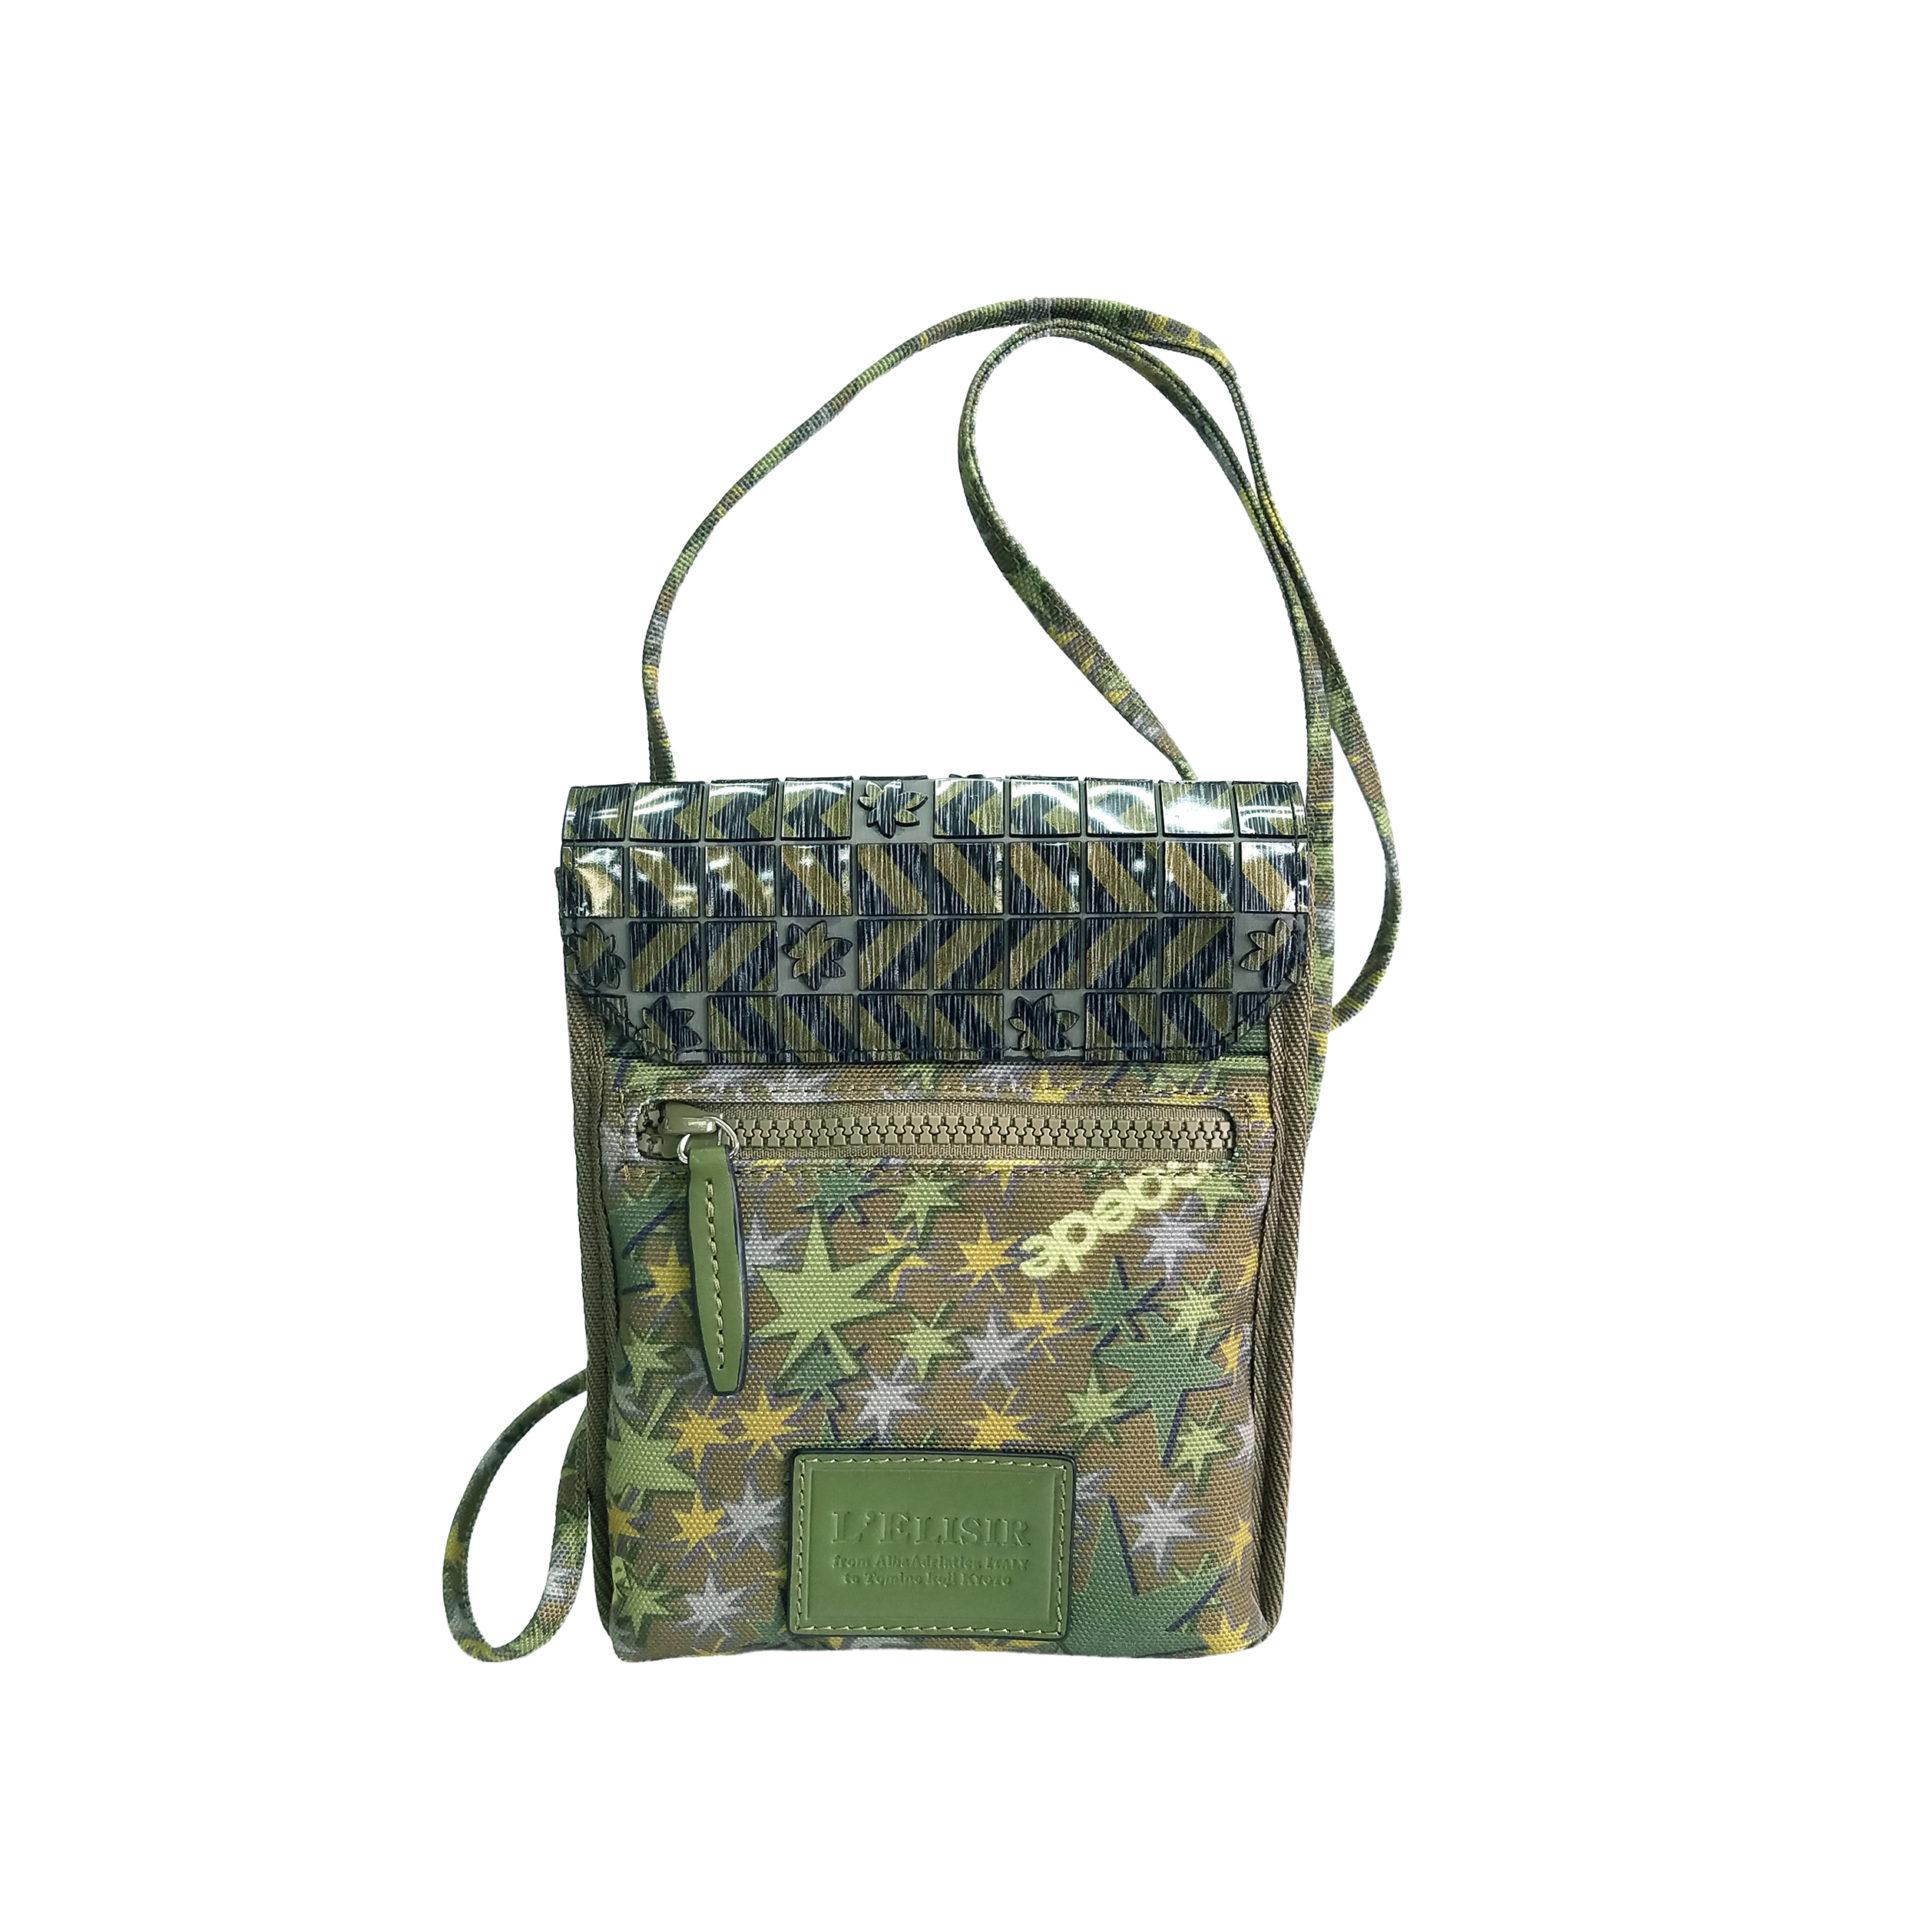 京都限定のELISIR caede KYOTO | エリシアカエデ京都のバッグシリーズ Stella Misto Flap Staff Pouth Bag green